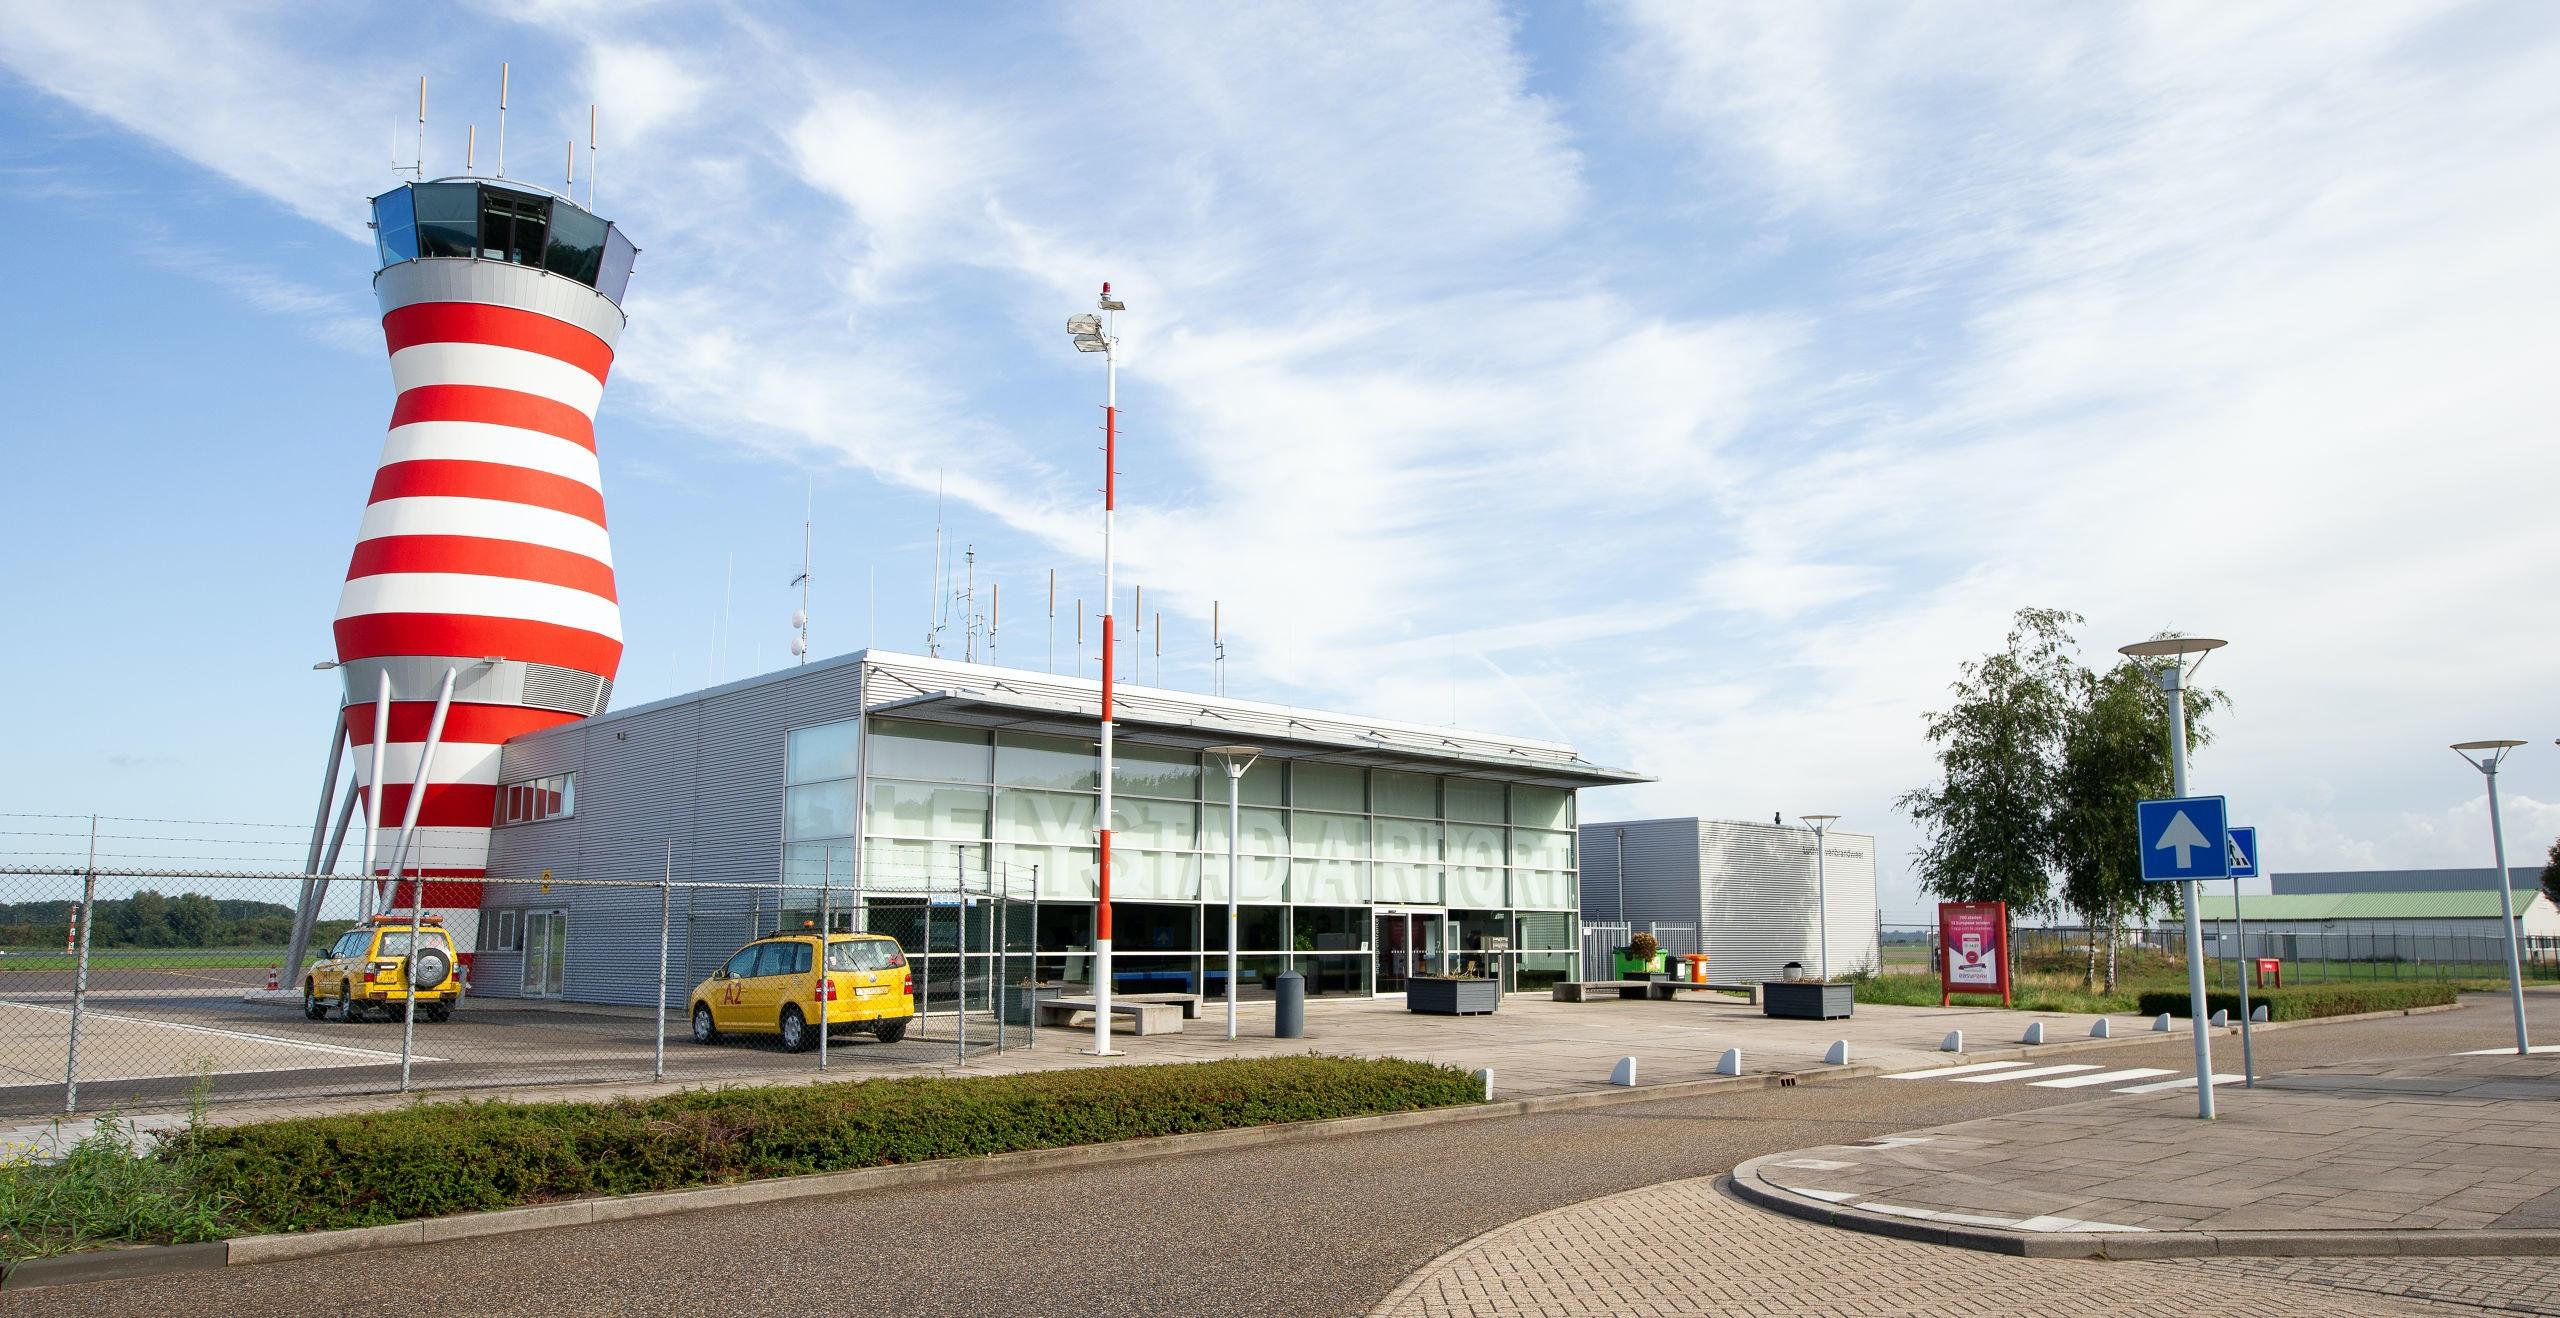 De verkeerstoren van Lelystad Airport is dit jaar verhoogd om grotere vliegtuigen te kunnen begeleiden.